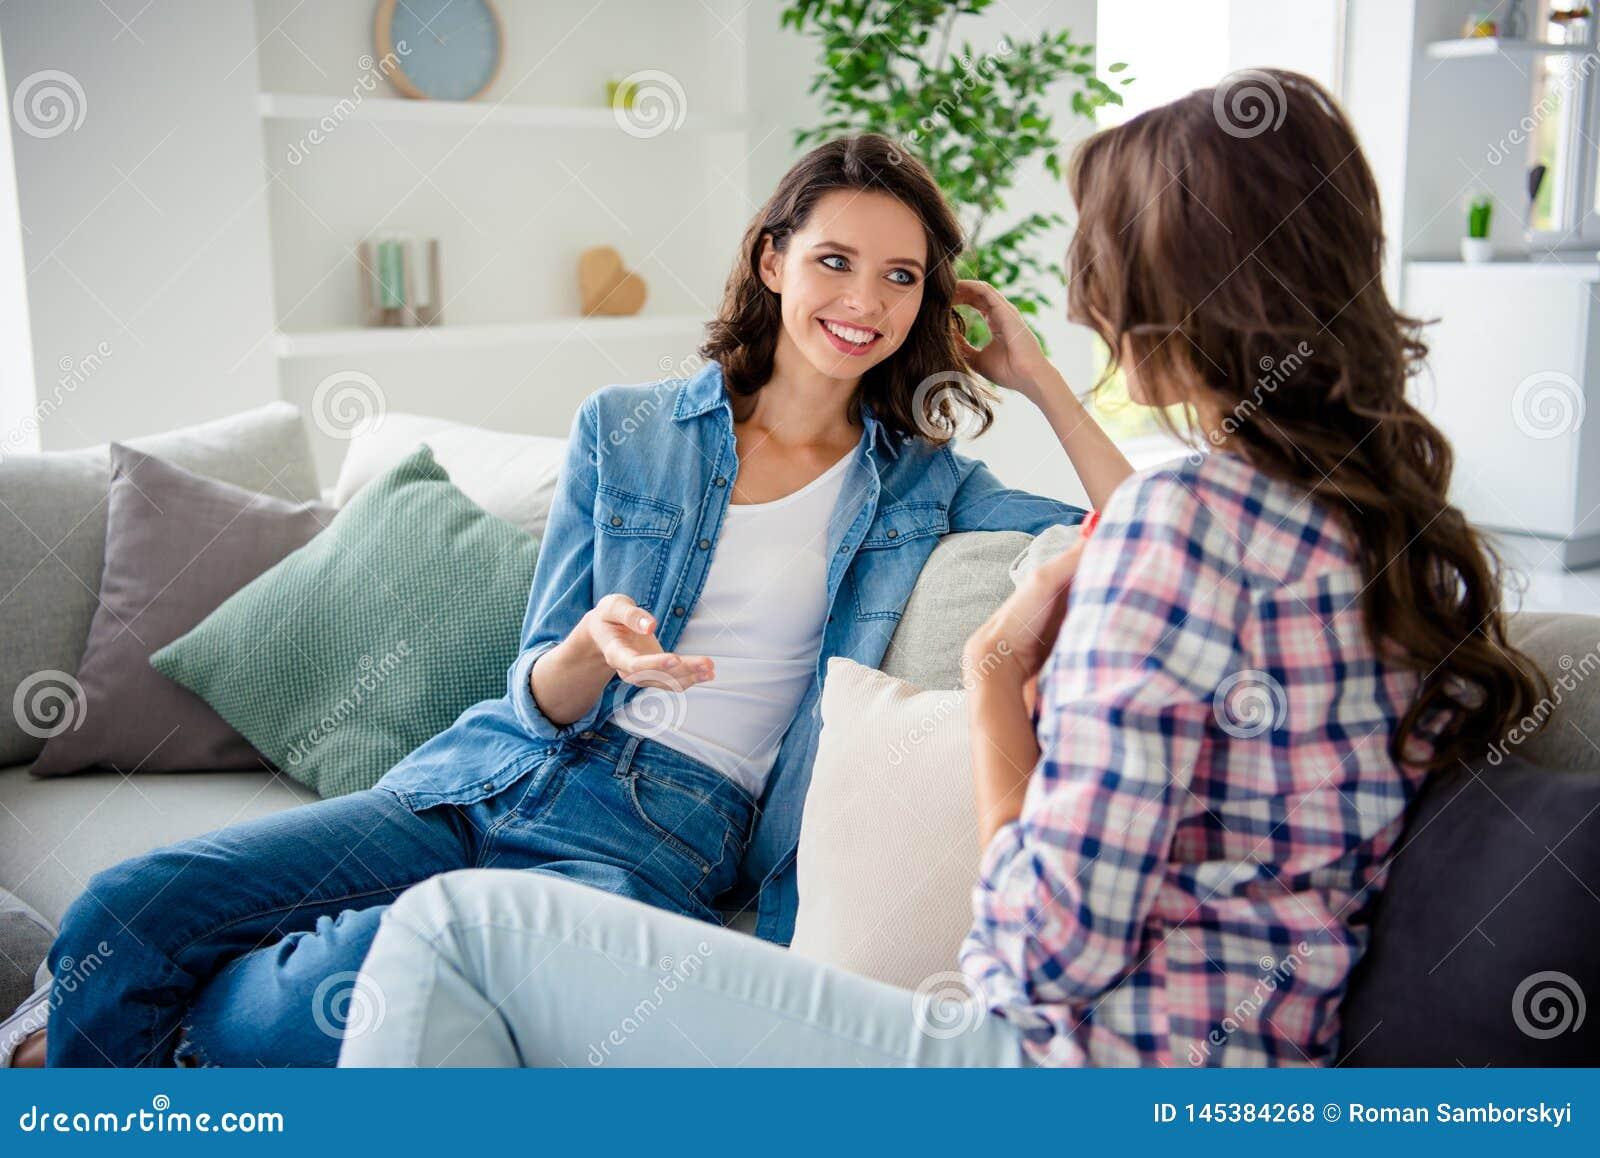 Fin vers le haut de bel étonnant de photo elle ses dames communiquer pour dire de parler le bavard de rumeurs de bavardage de no